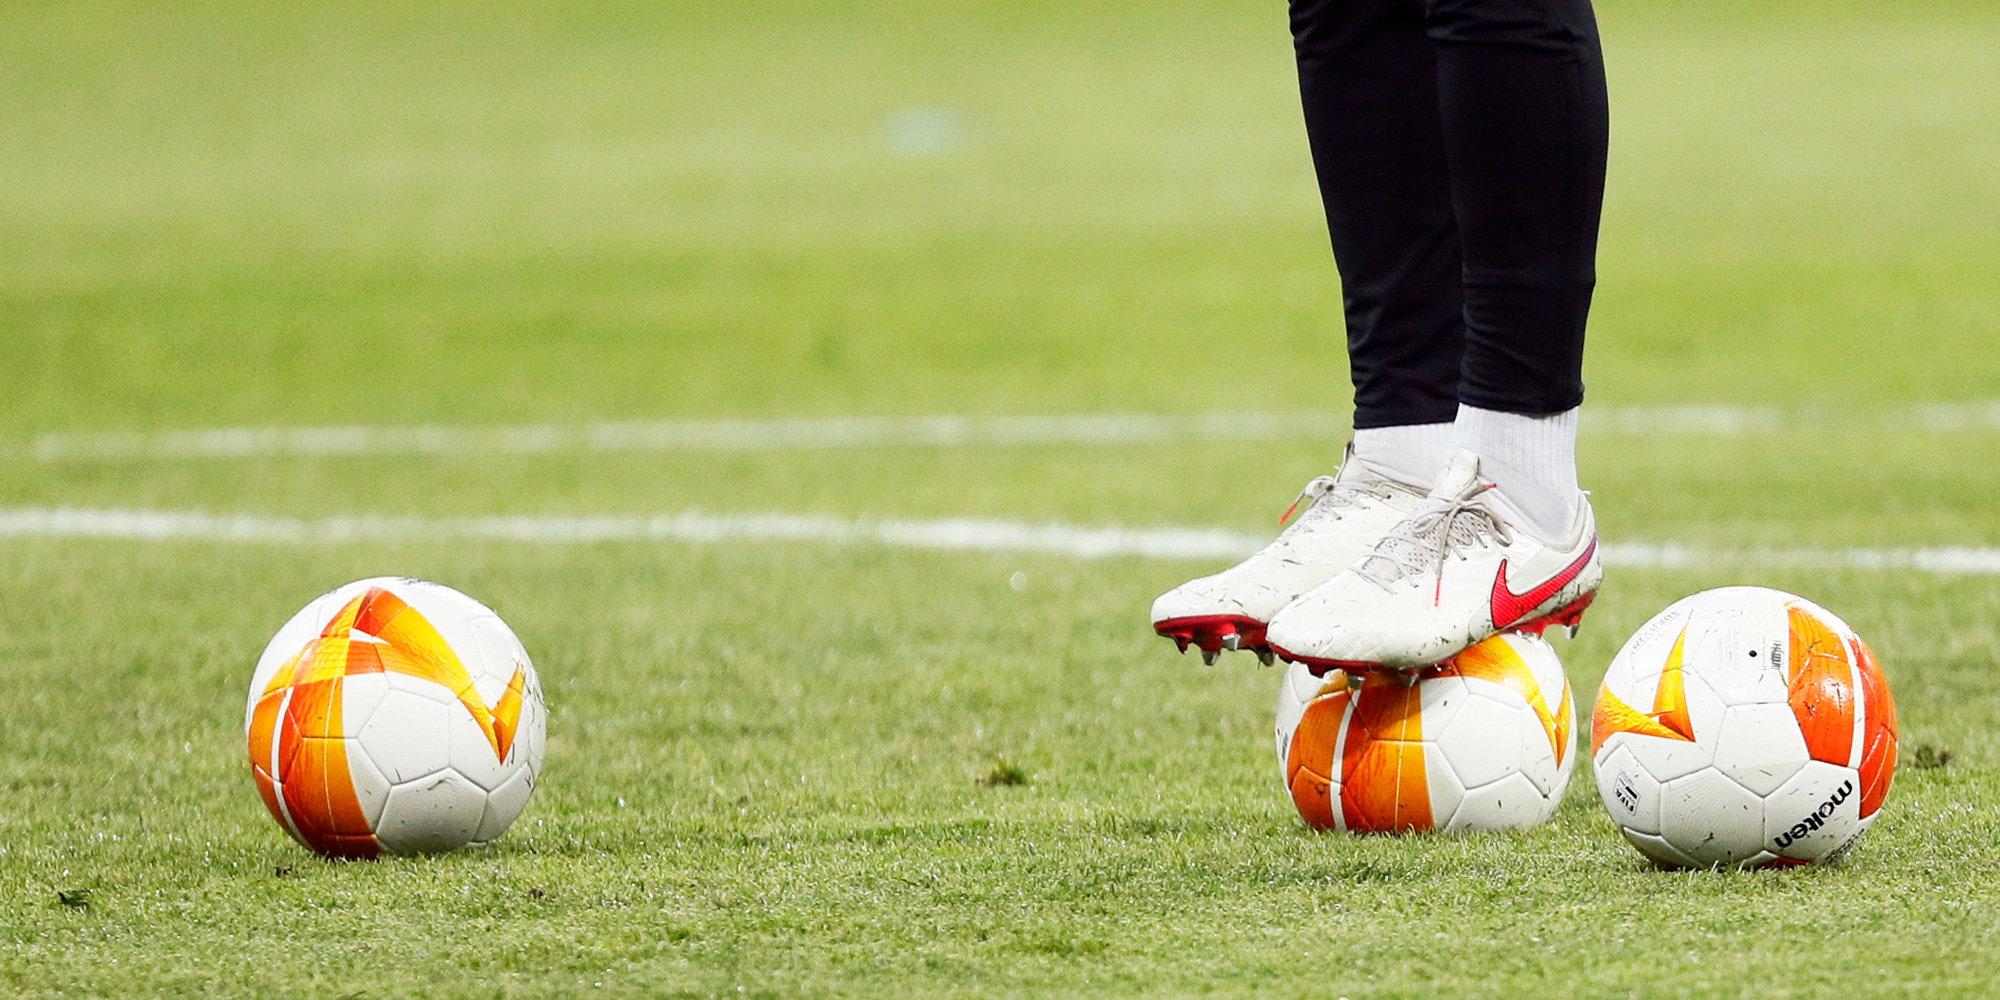 «Галатасарай» не смог попасть в Грецию на матч с «Олимпиакосом» из-за отказа от повторного тестирования на COVID-19